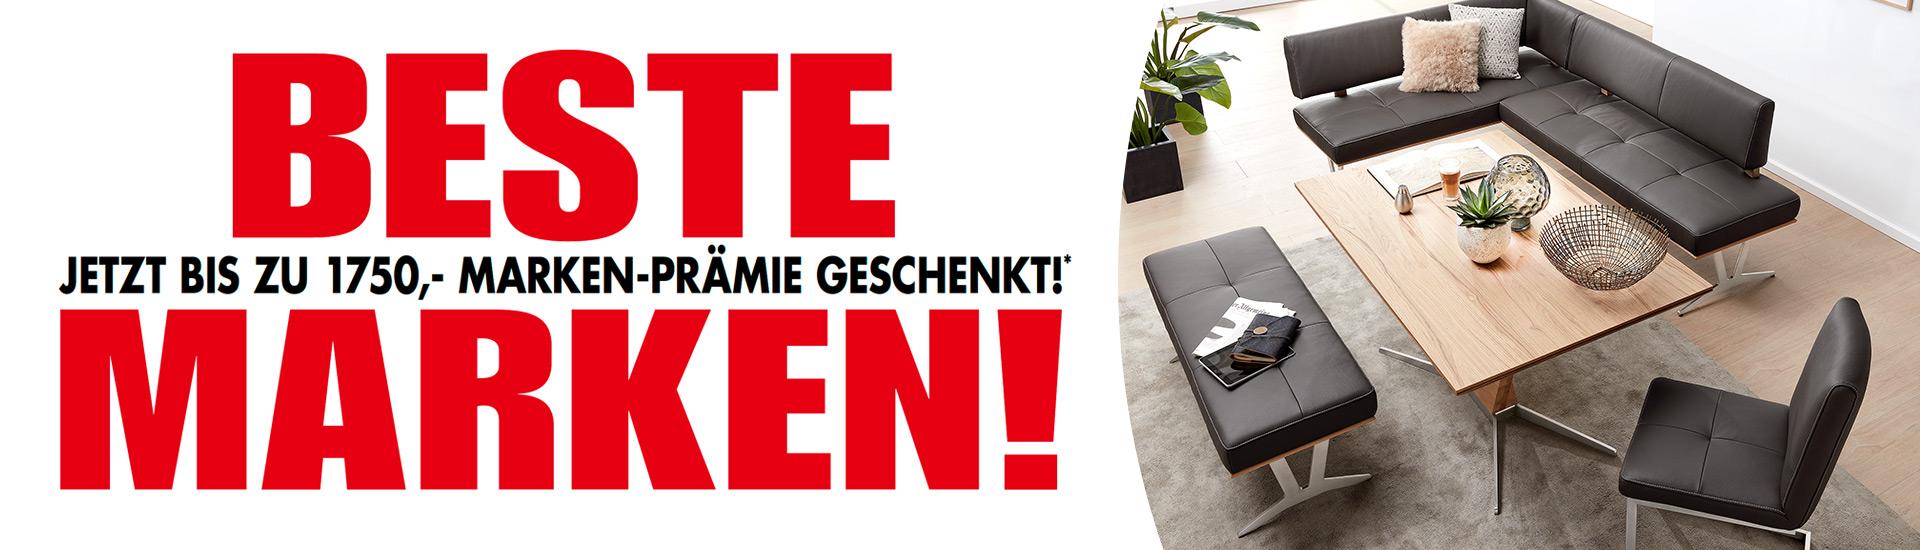 Möbel Schulze | Riesengroß und supergünstig! | Rödental & Ilmenau